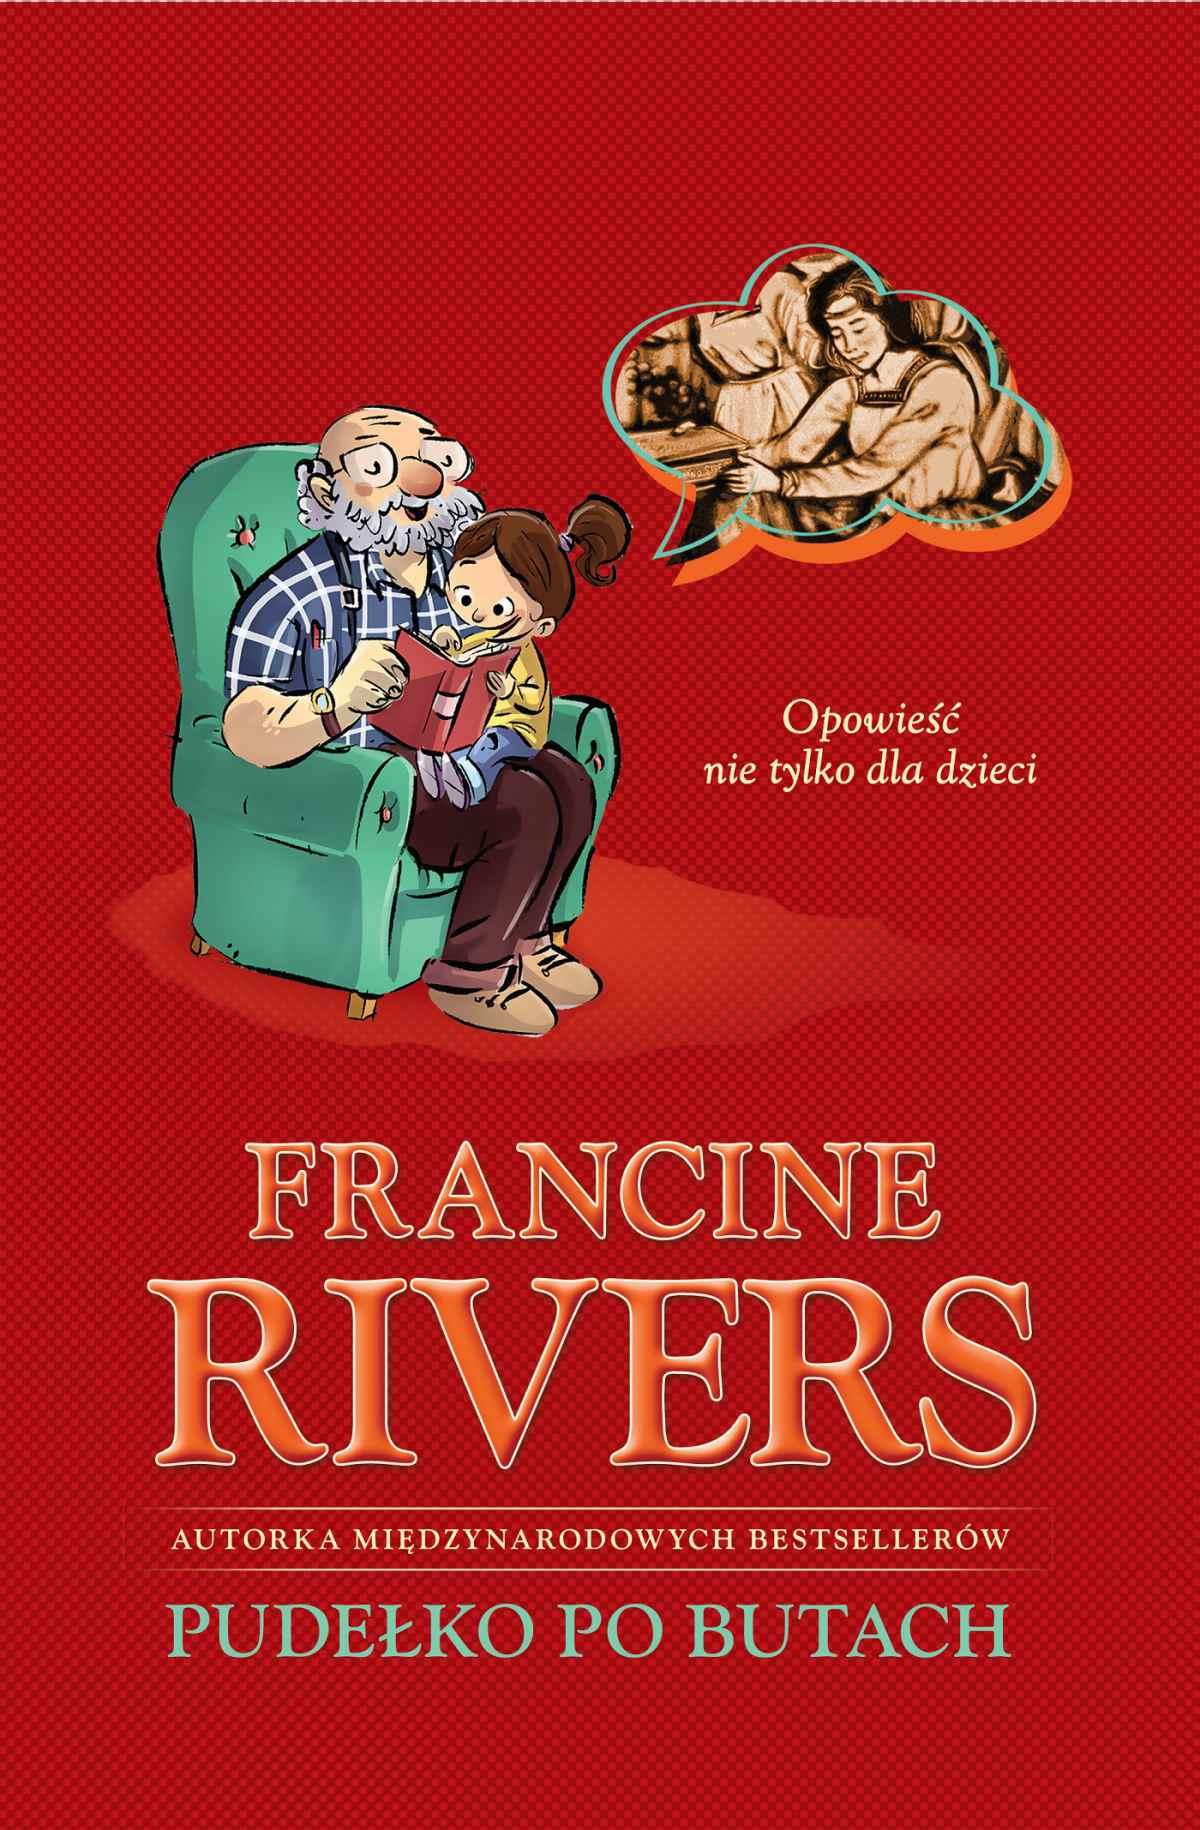 Pudełko po butach Opowieść nie tylko dla dzieci - Francine Rivers - Ebook (Książka EPUB) do pobrania w formacie EPUB